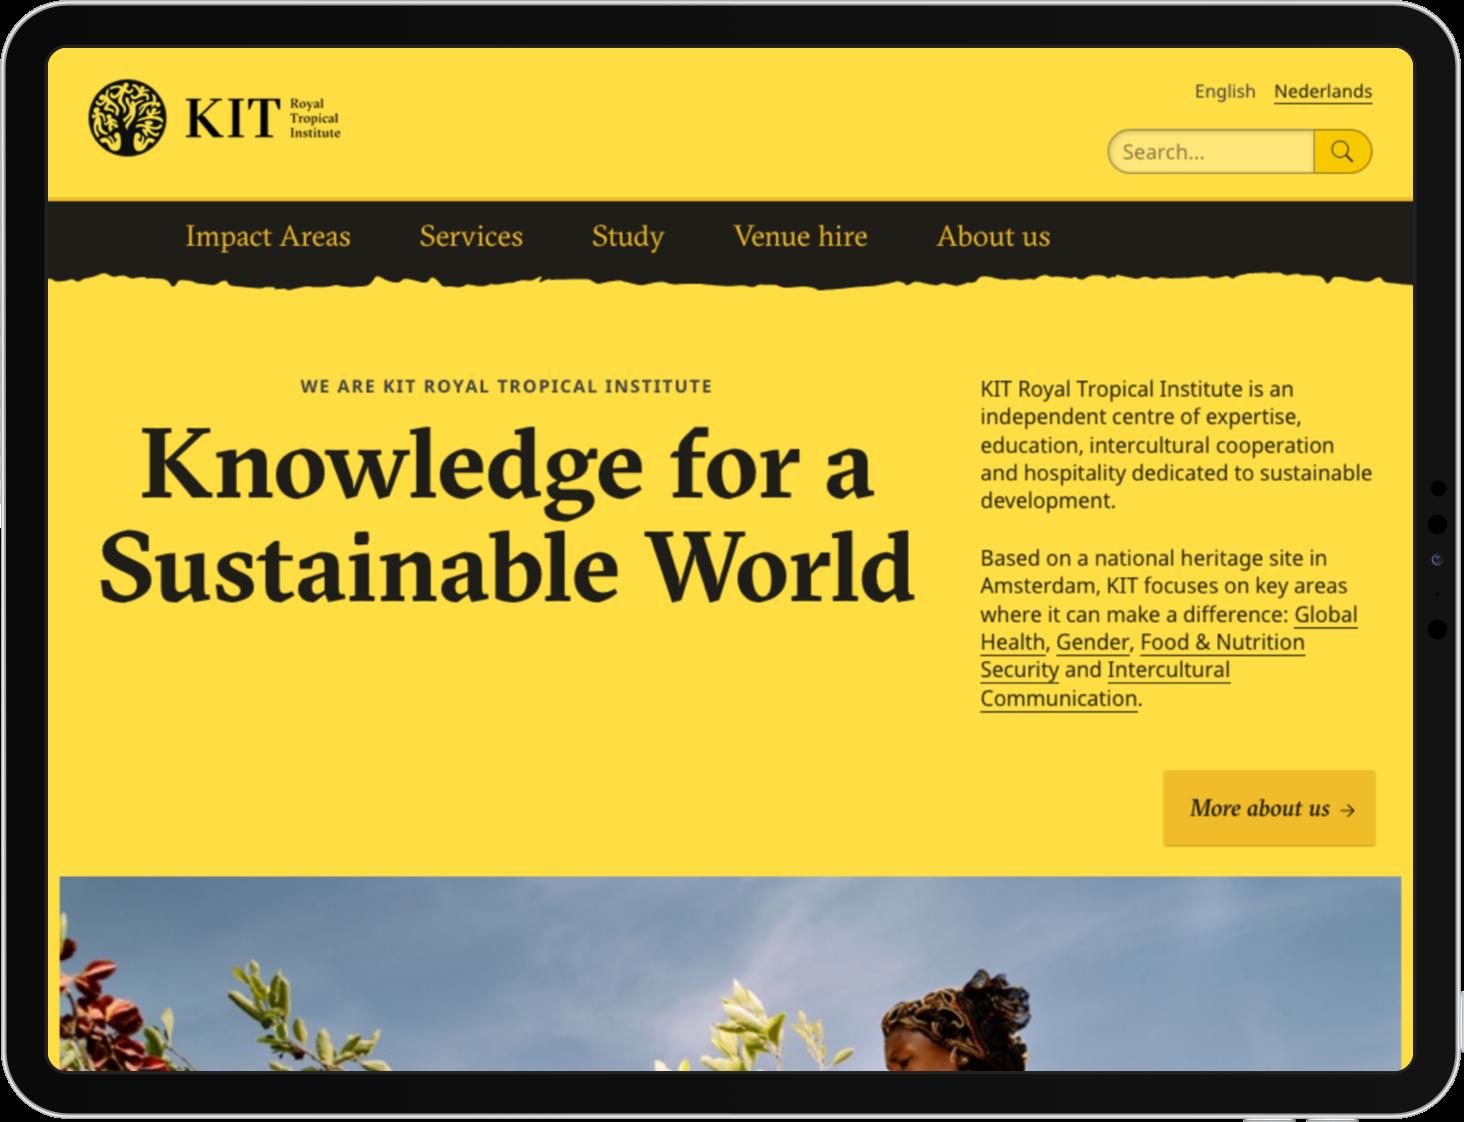 De homepage van KIT op een iPad